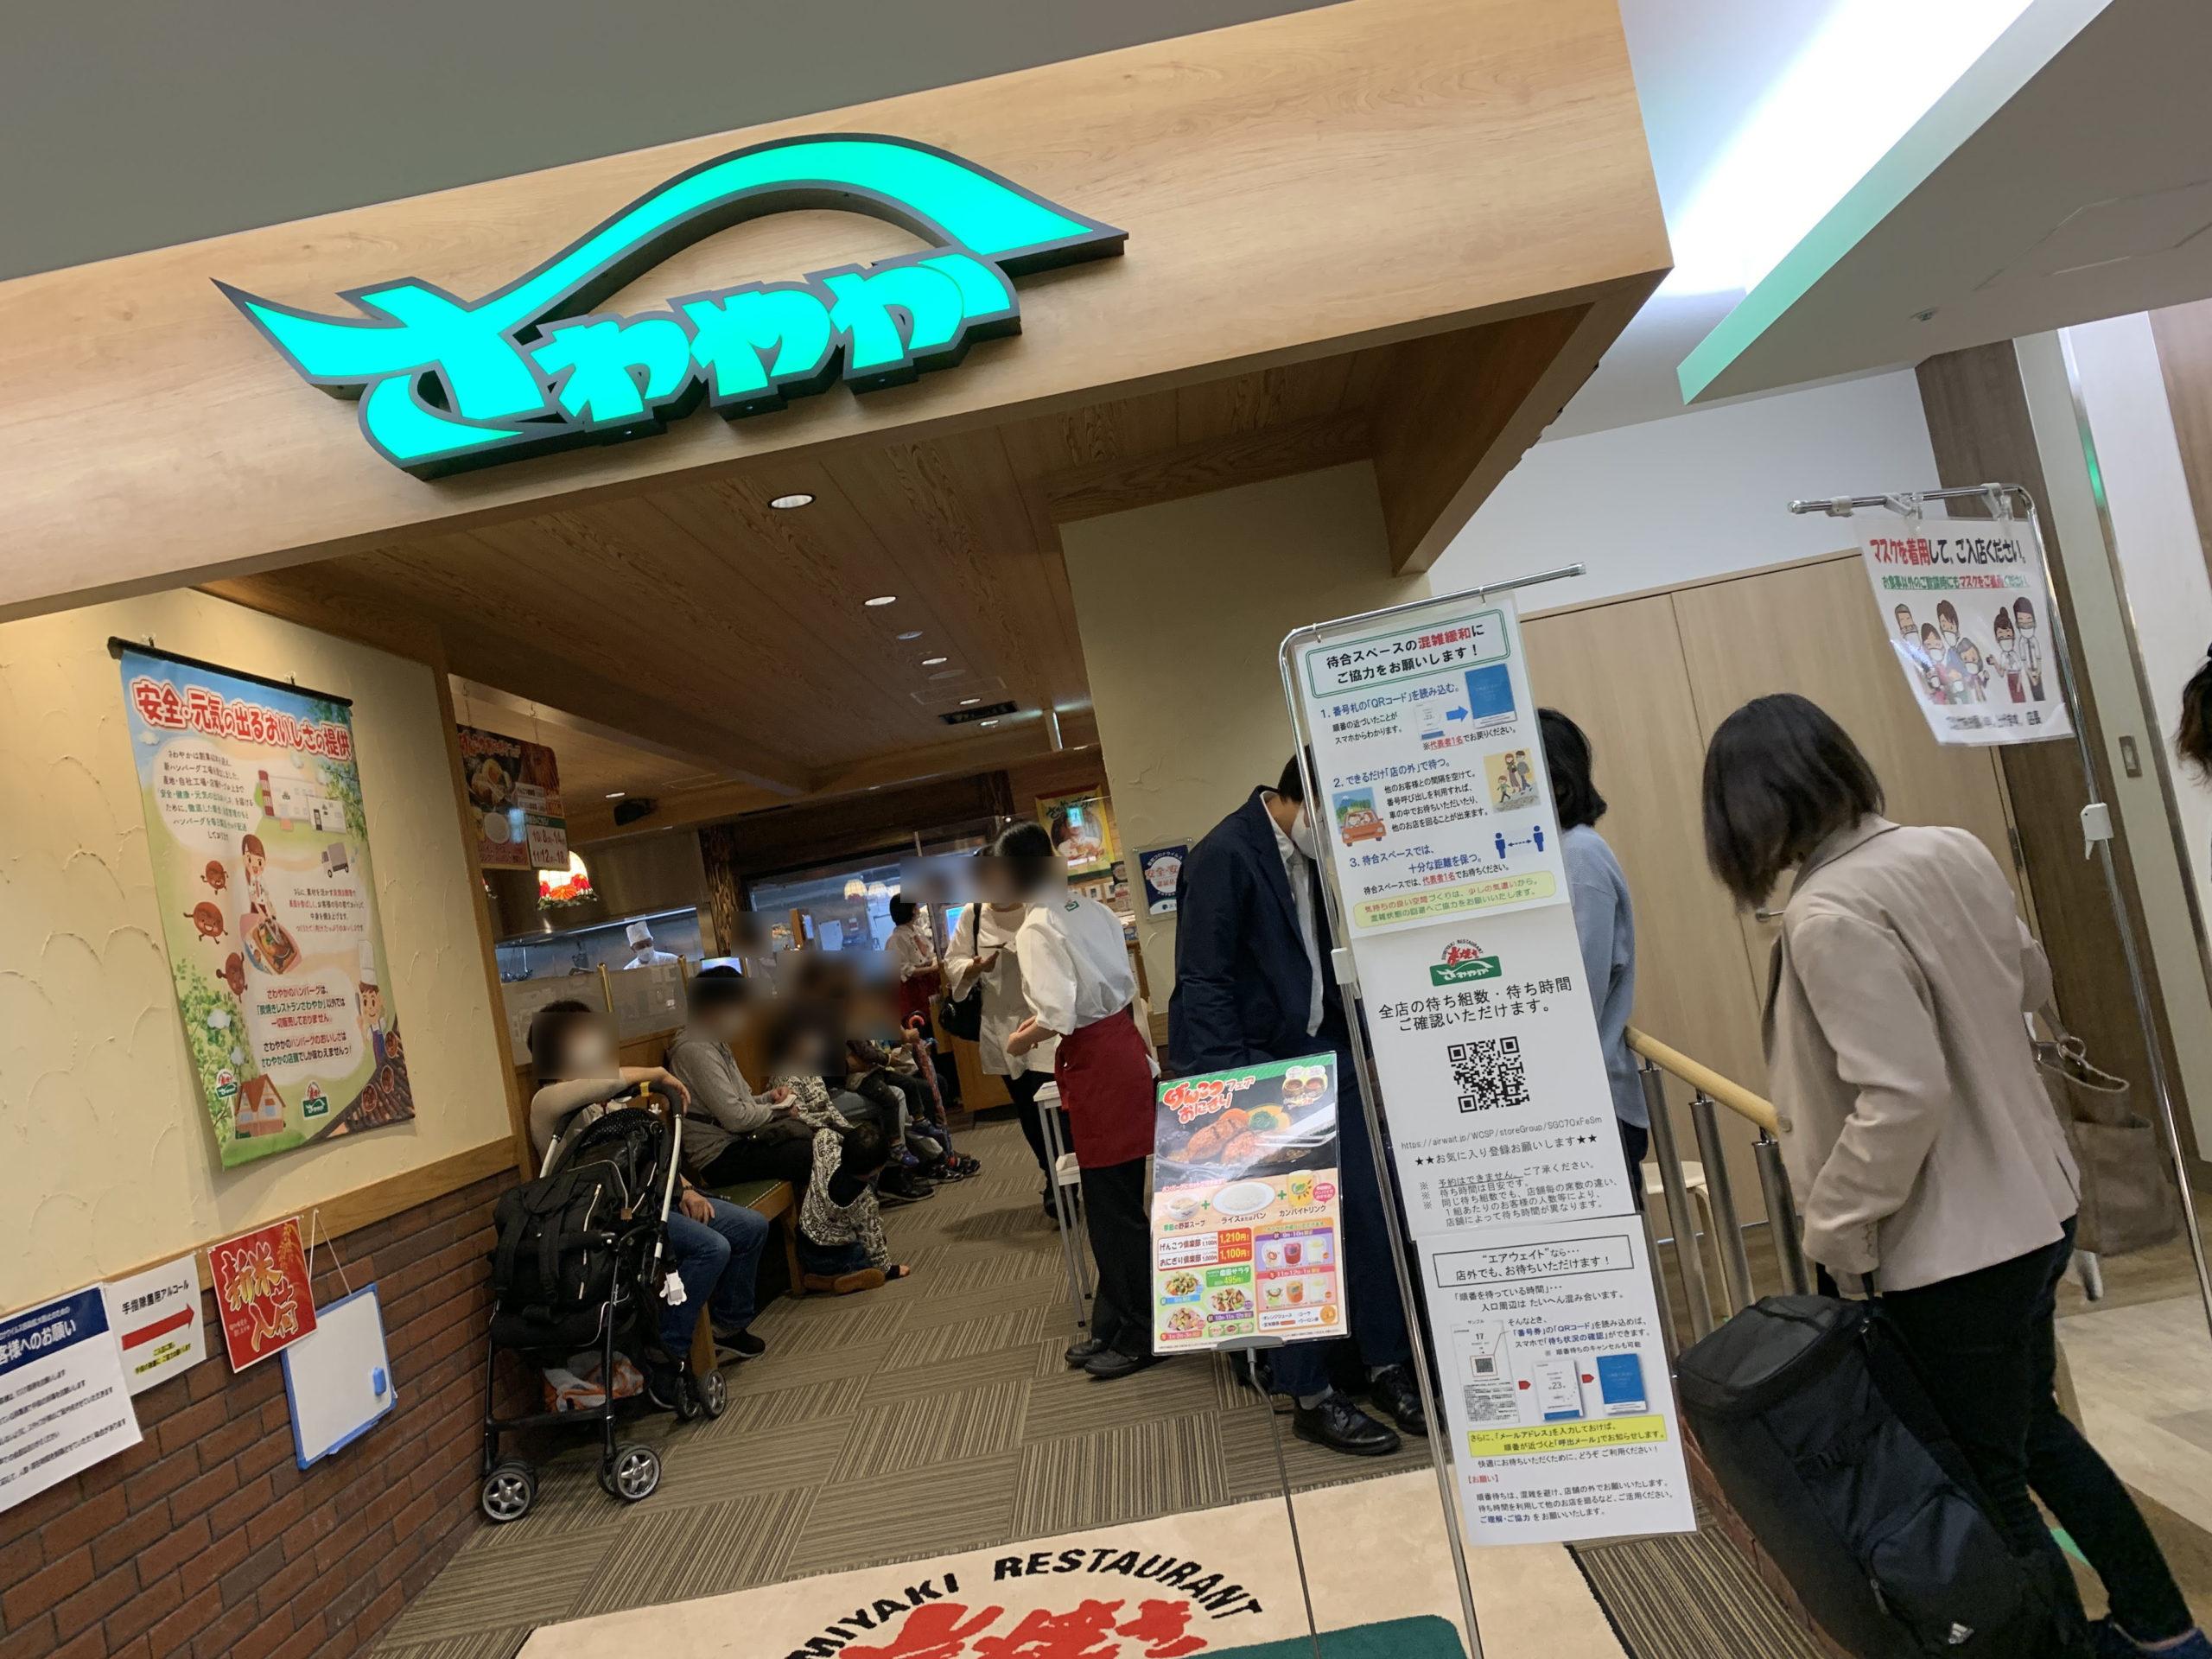 さわやか浜松遠鉄店:車がなくてもJRだけで行ける店舗へ行ってみた待ち時間や店内の様子は?